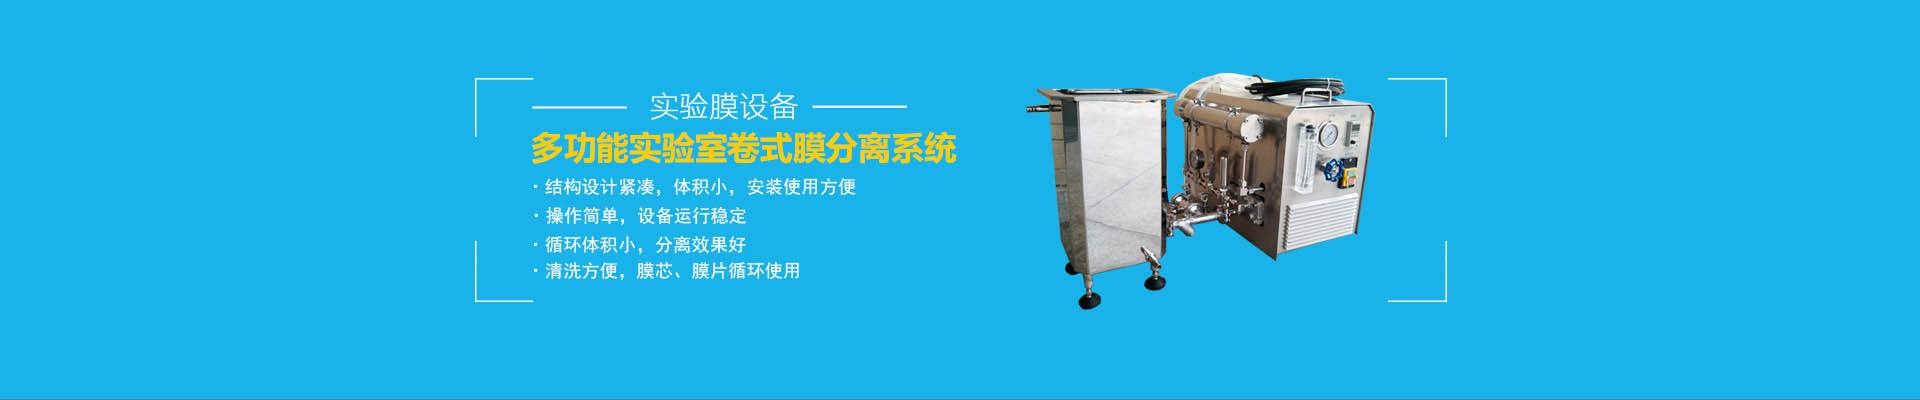 实验室raybet雷电竞app雷竞技newbee赞助商